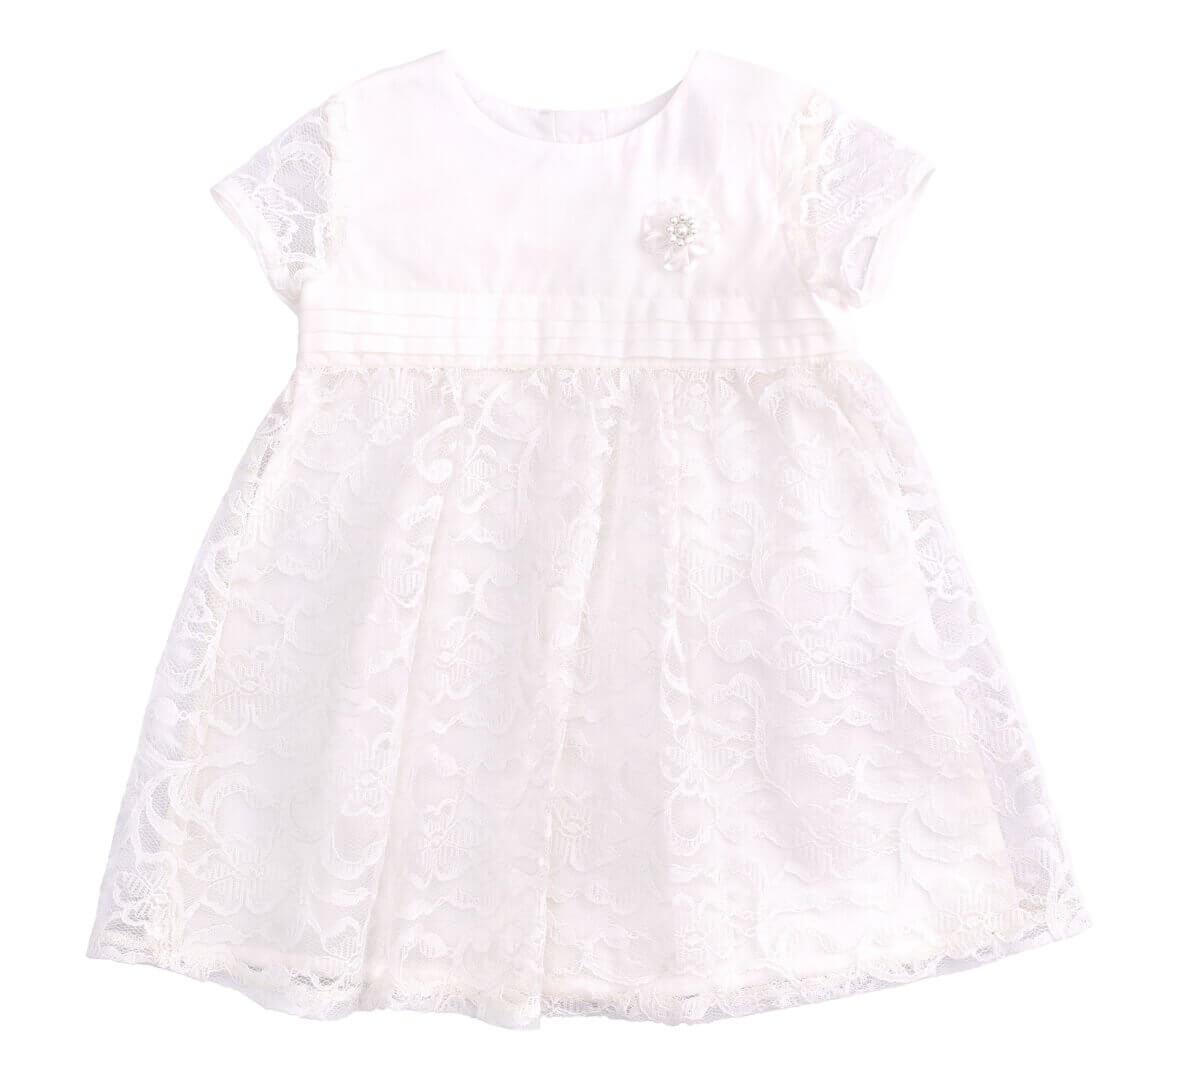 Sukienka-okolicznosciowa-biala-ecru-na-chrzest-dla-dziewczynki-bembi-kolekcja-newborn-dla-niemowlat-PL255_01a